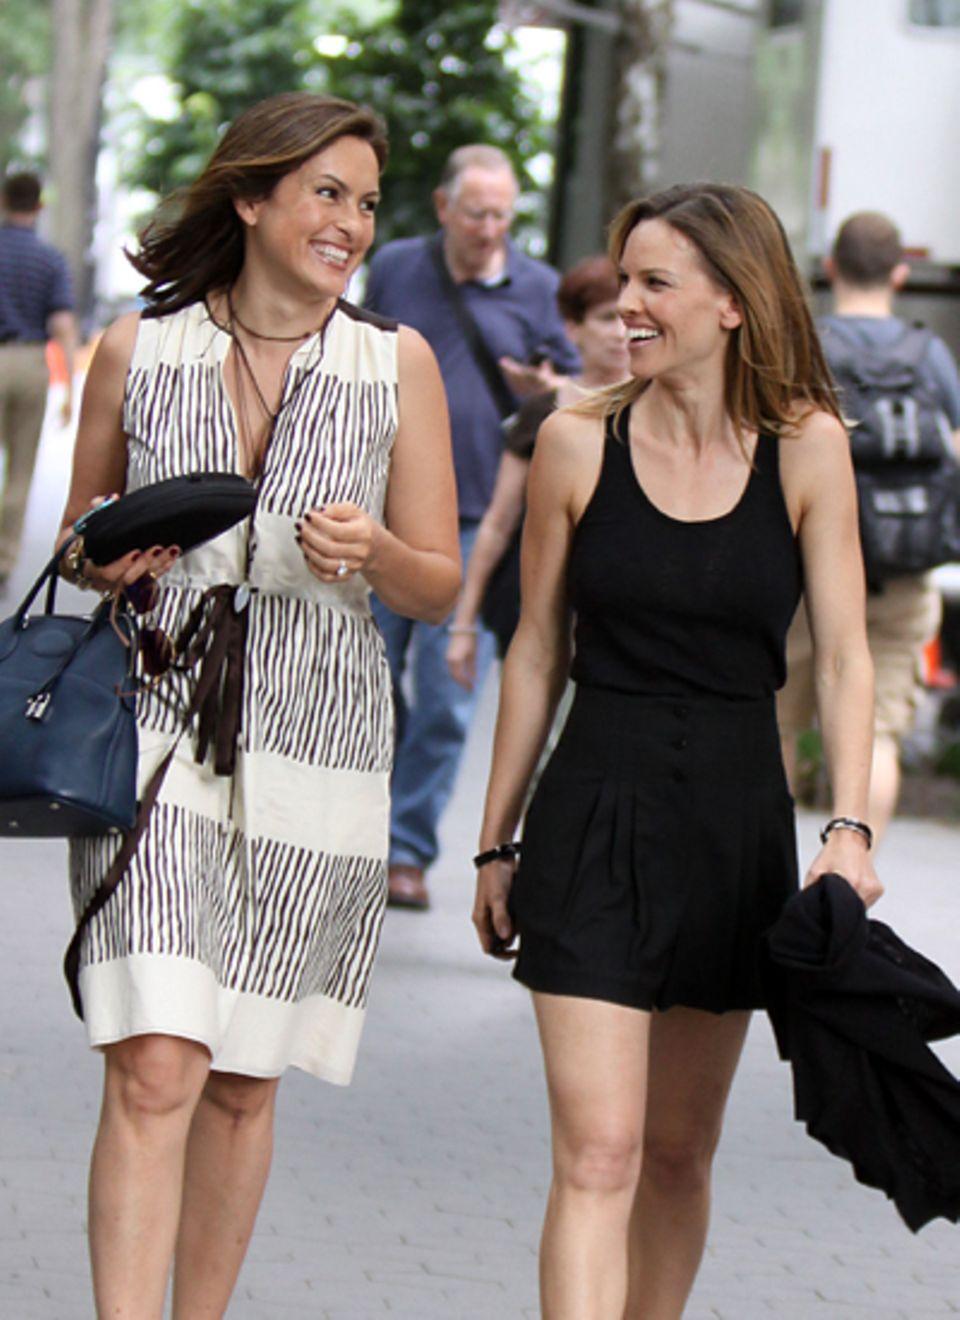 14. Juni 2010: Die Freundinnen Mariska Hargitay und Hilary Swank verstehen sich blendend und genießen freudestrahlend ihren geme